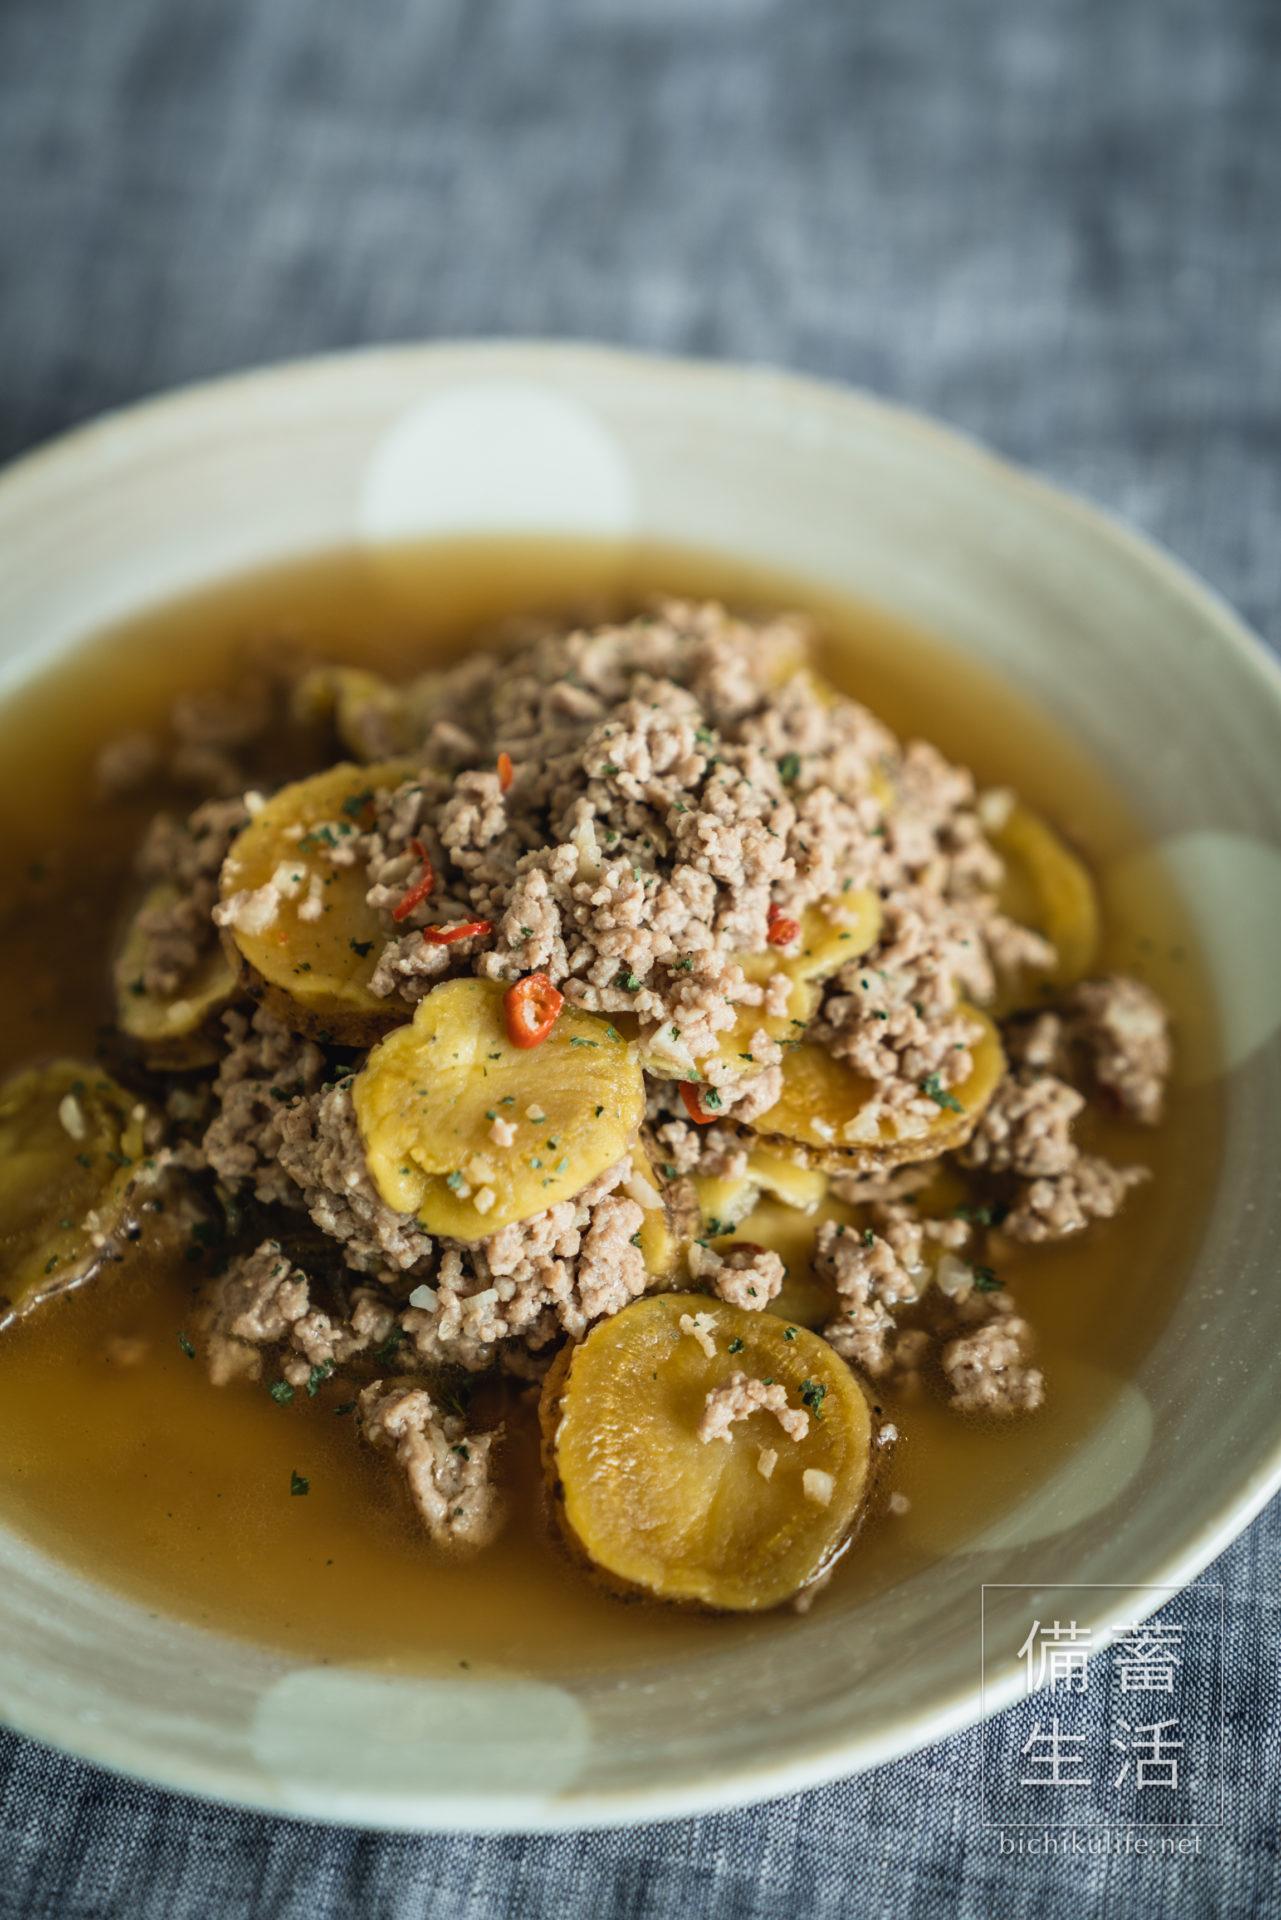 じゃがいも 干し野菜づくり|干し馬鈴薯の作り方 干しジャガイモのレシピ、干しジャガイモとひき肉のピリ辛オイスター煮